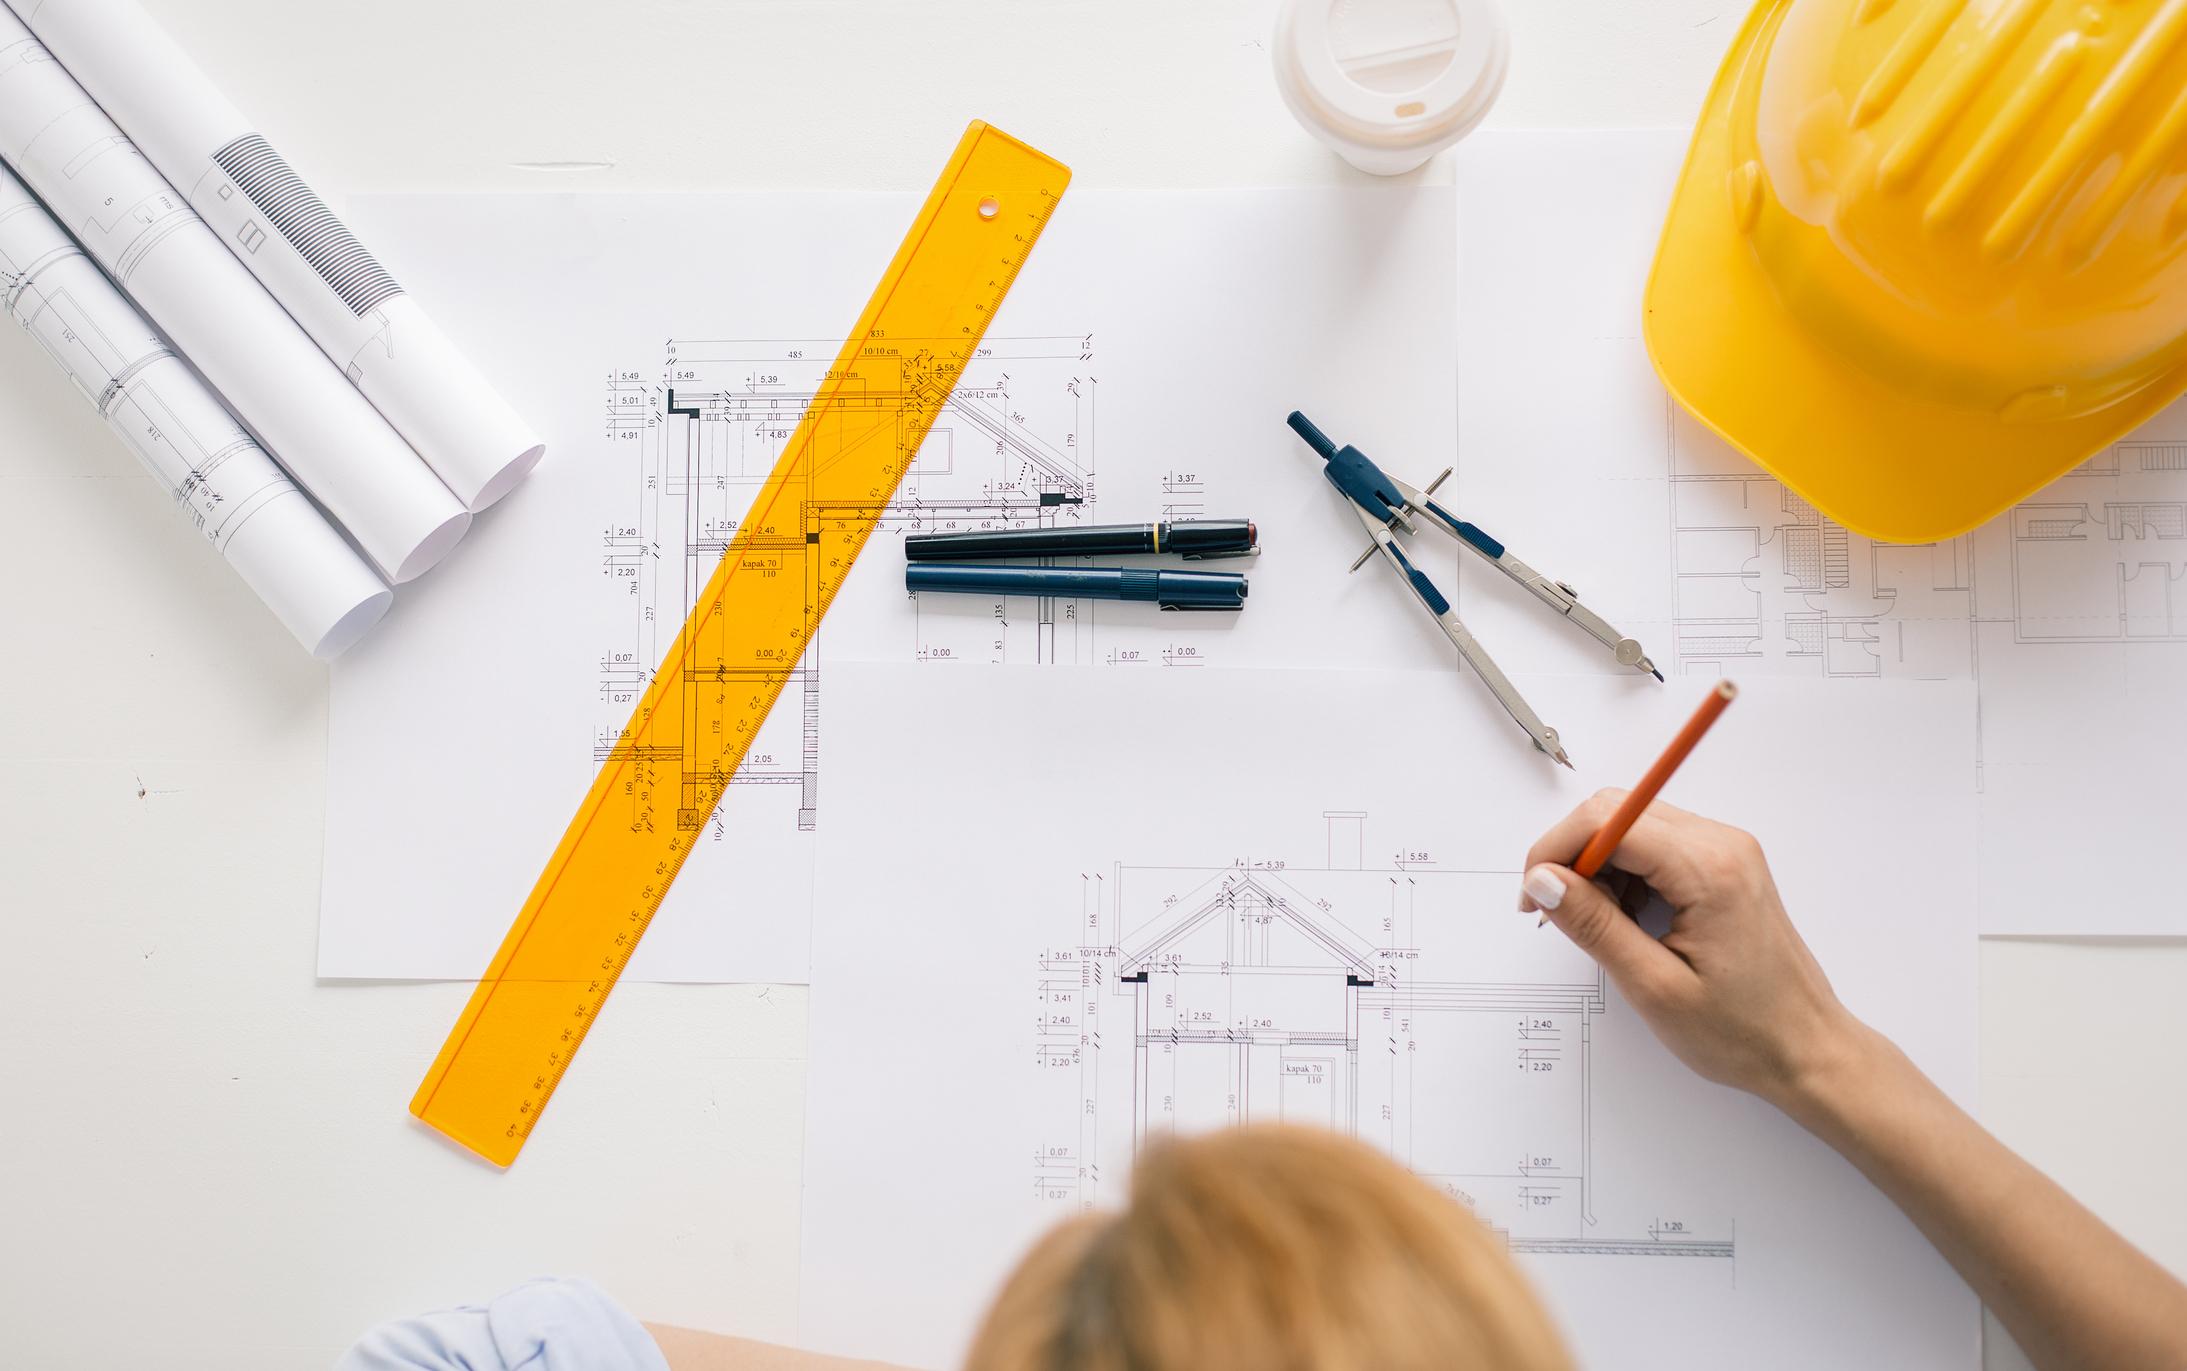 Lavoro Ingegnere Edile Architetto Catania le competenze degli ingegneri in materia di beni vincolati